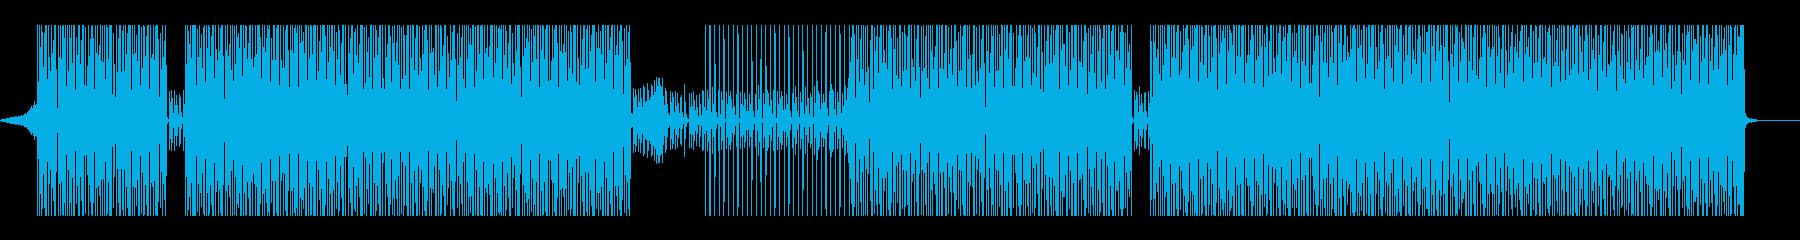 おしゃれでかっこいいハウスグルーヴの再生済みの波形